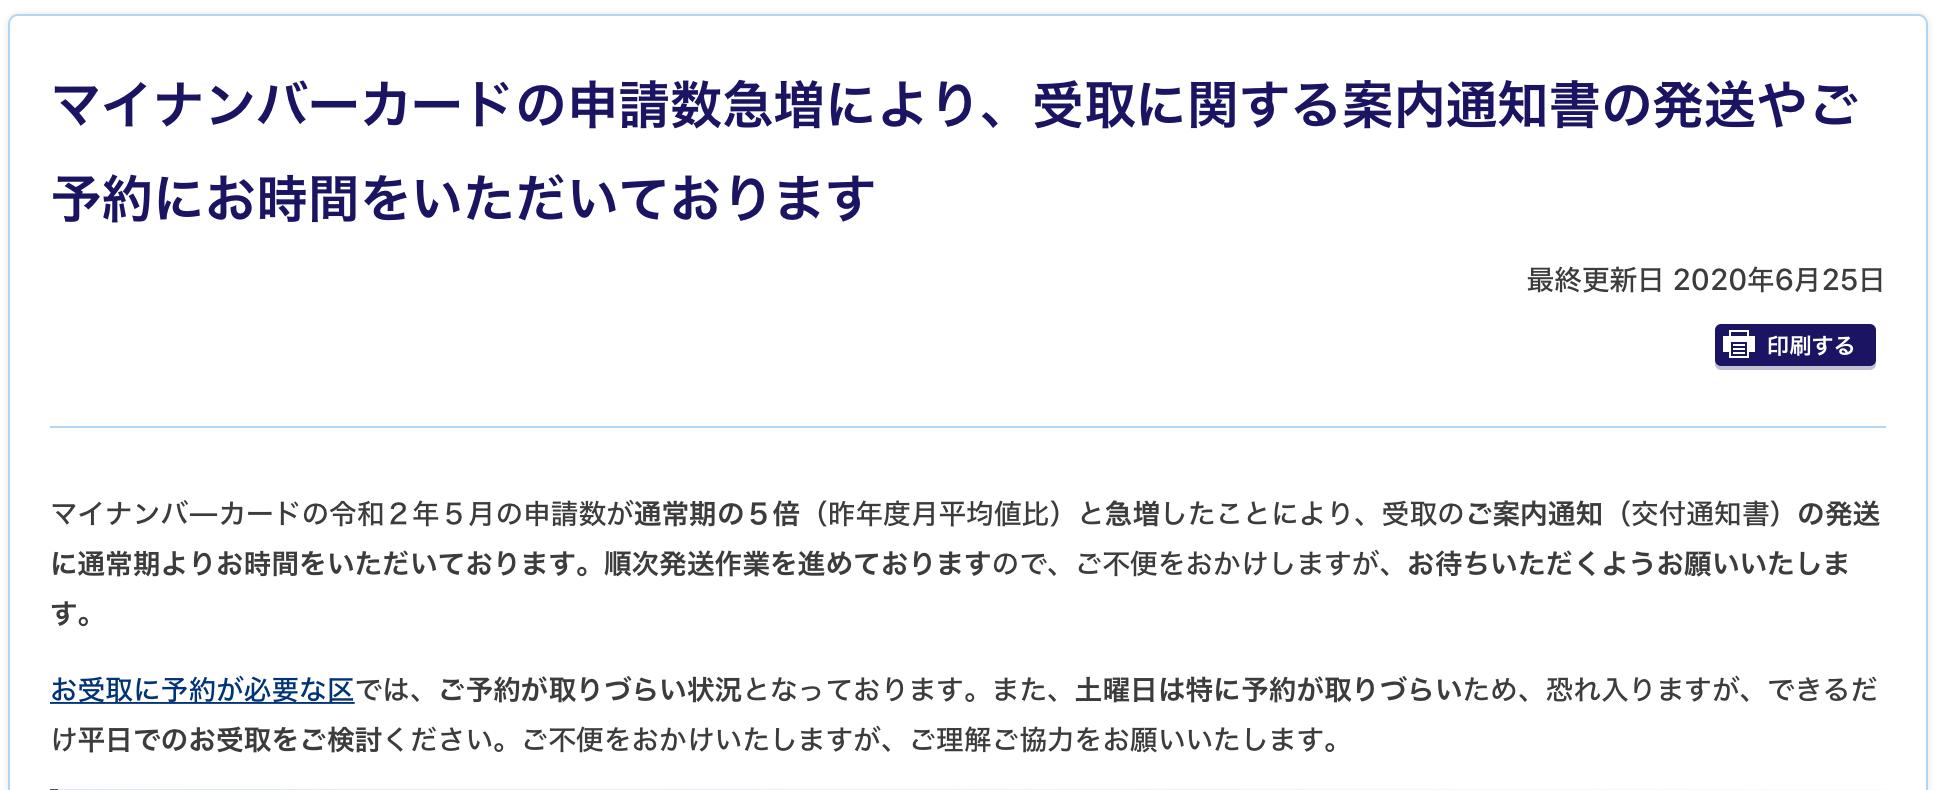 マイ ナンバーカード 予約 横浜 市